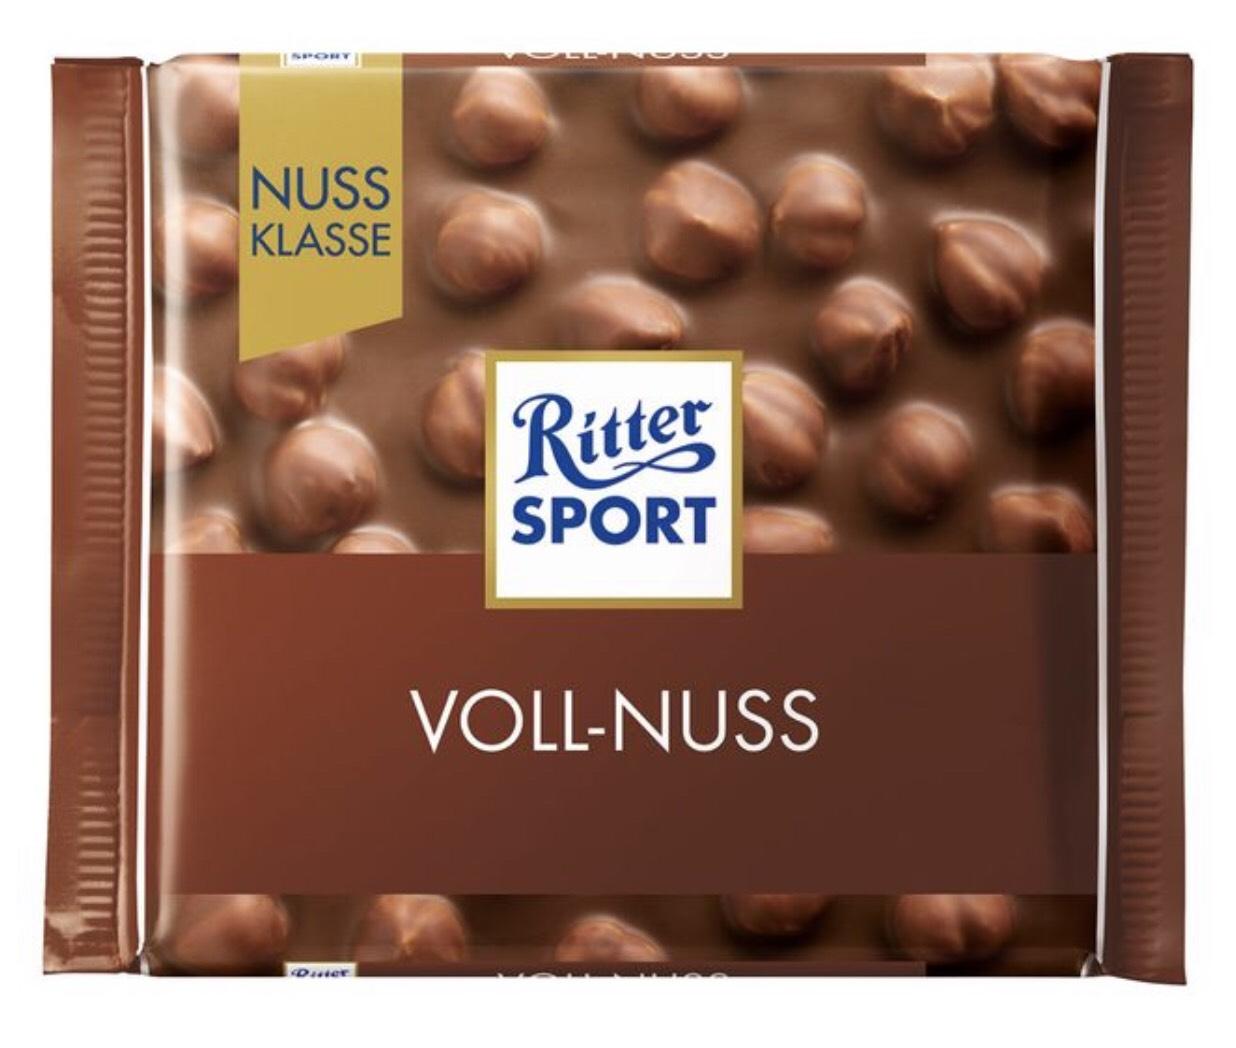 Ritter Sport Nussklasse 0,95 €